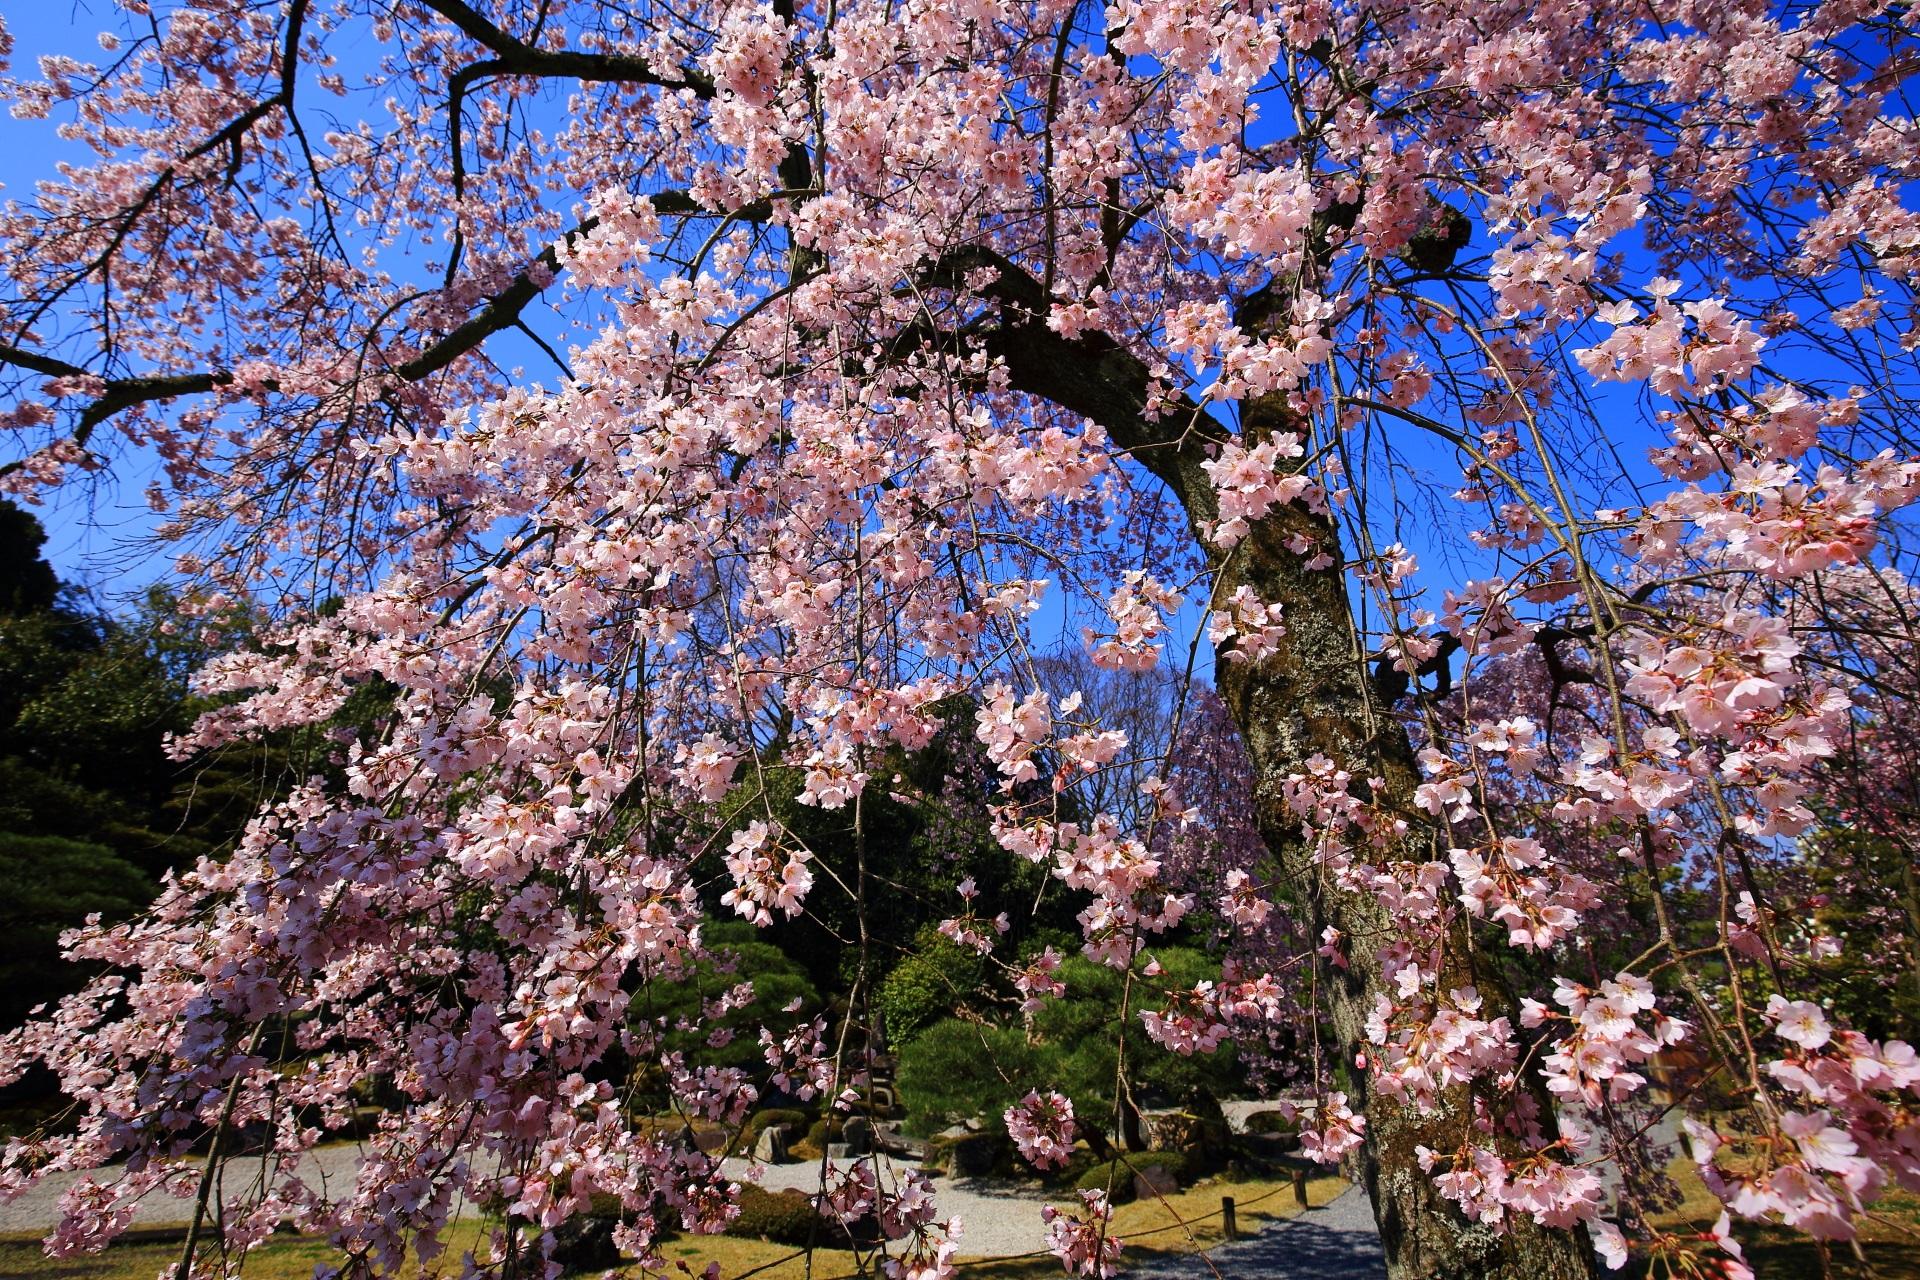 青空の下で煌びやかに輝くピンクの桜